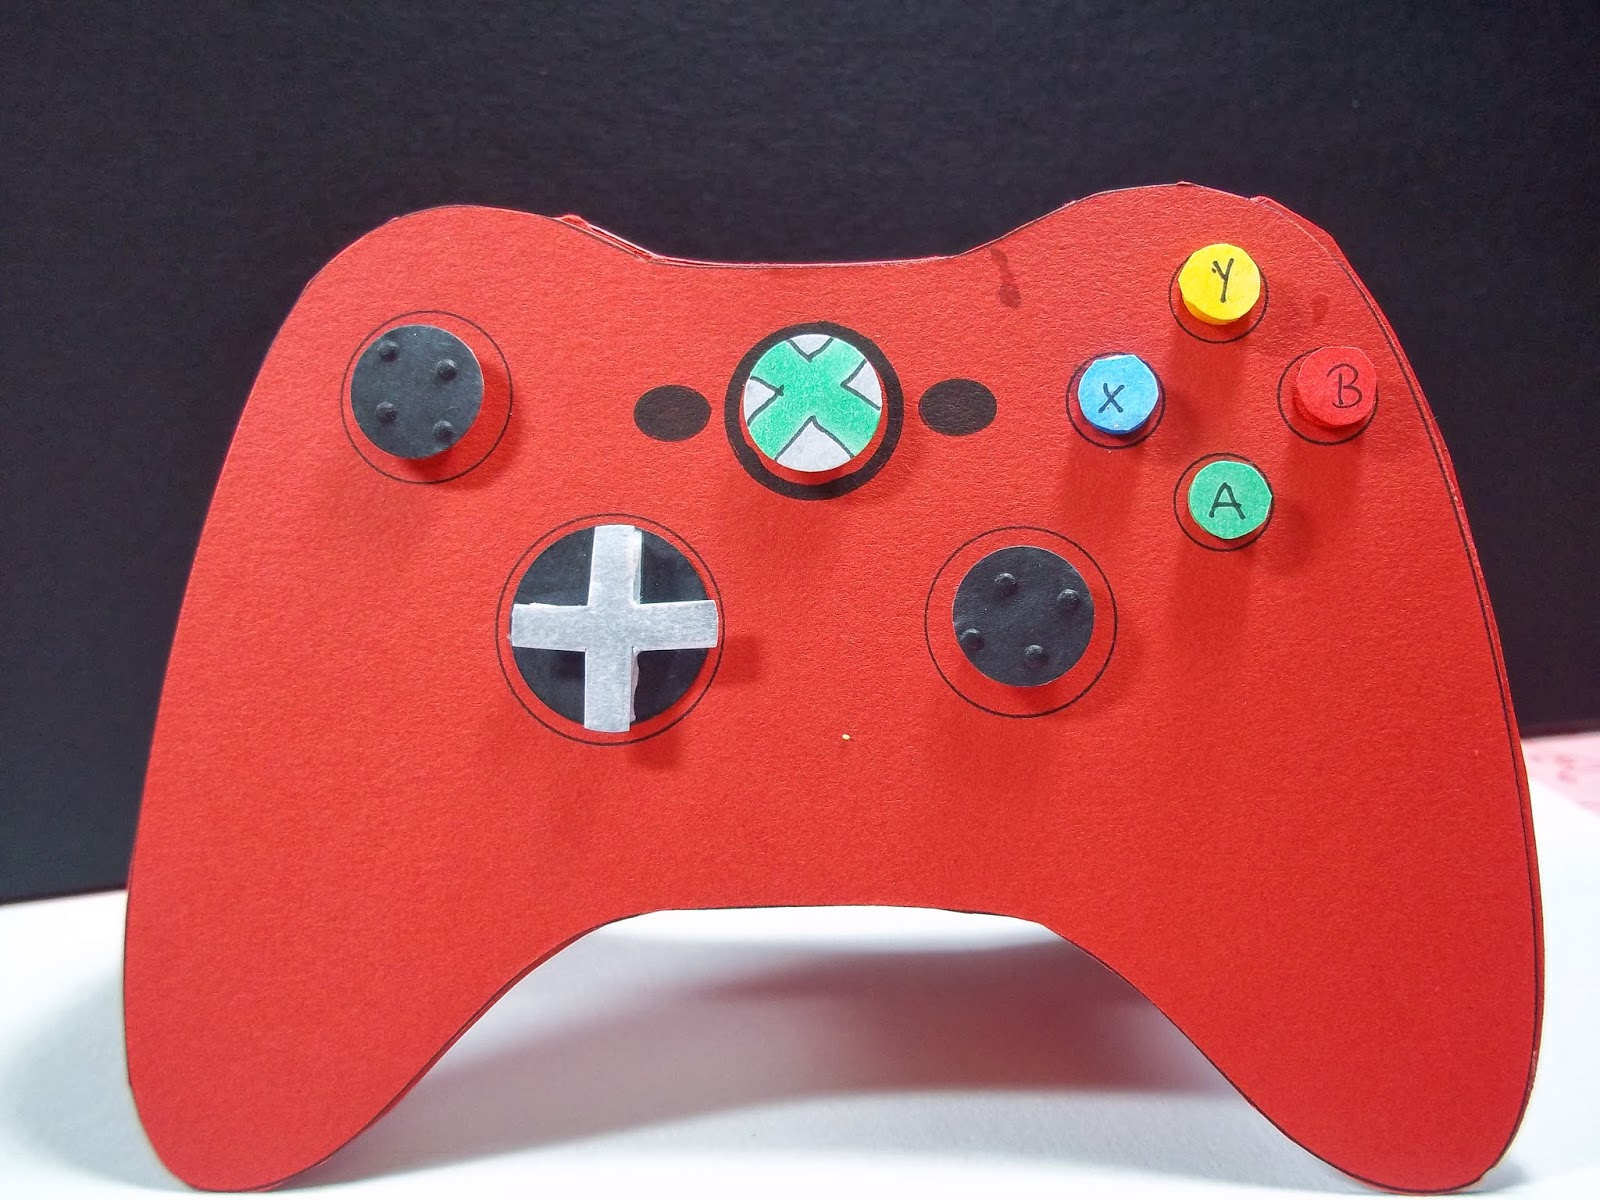 Crafty Creations By Niki Xbox 360 Gane Controller Birthday Card